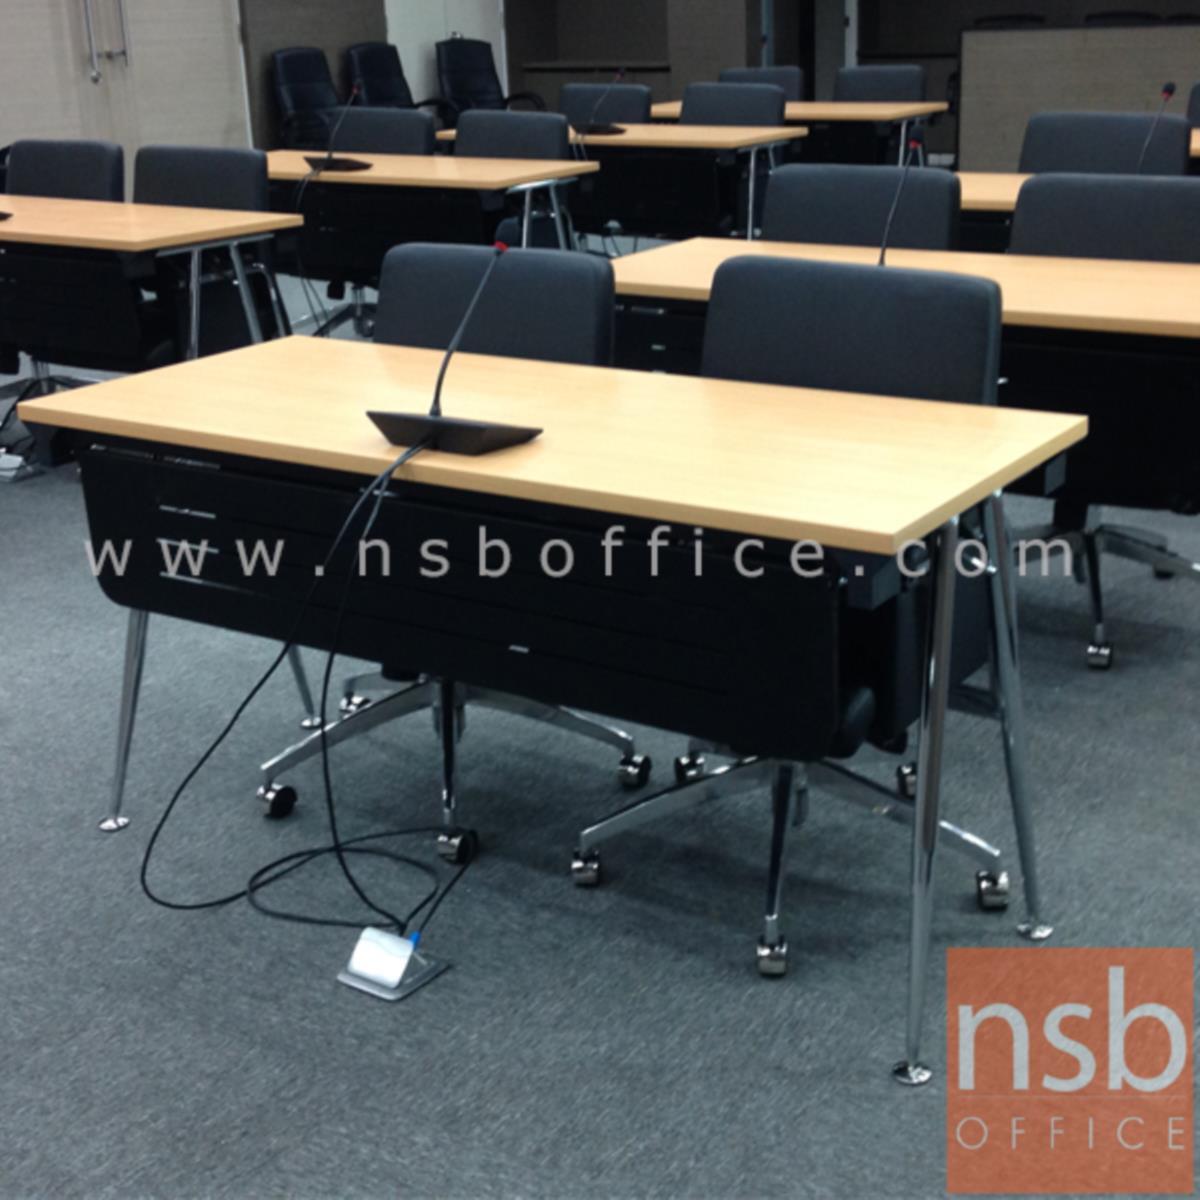 โต๊ะประชุมพับเก็บได้ รุ่น  Berline (เบอไลน์) ขนาด 150W ,180W*60D ,75D cm.  พร้อมบังโป๊เหล็ก ขาเหล็ก